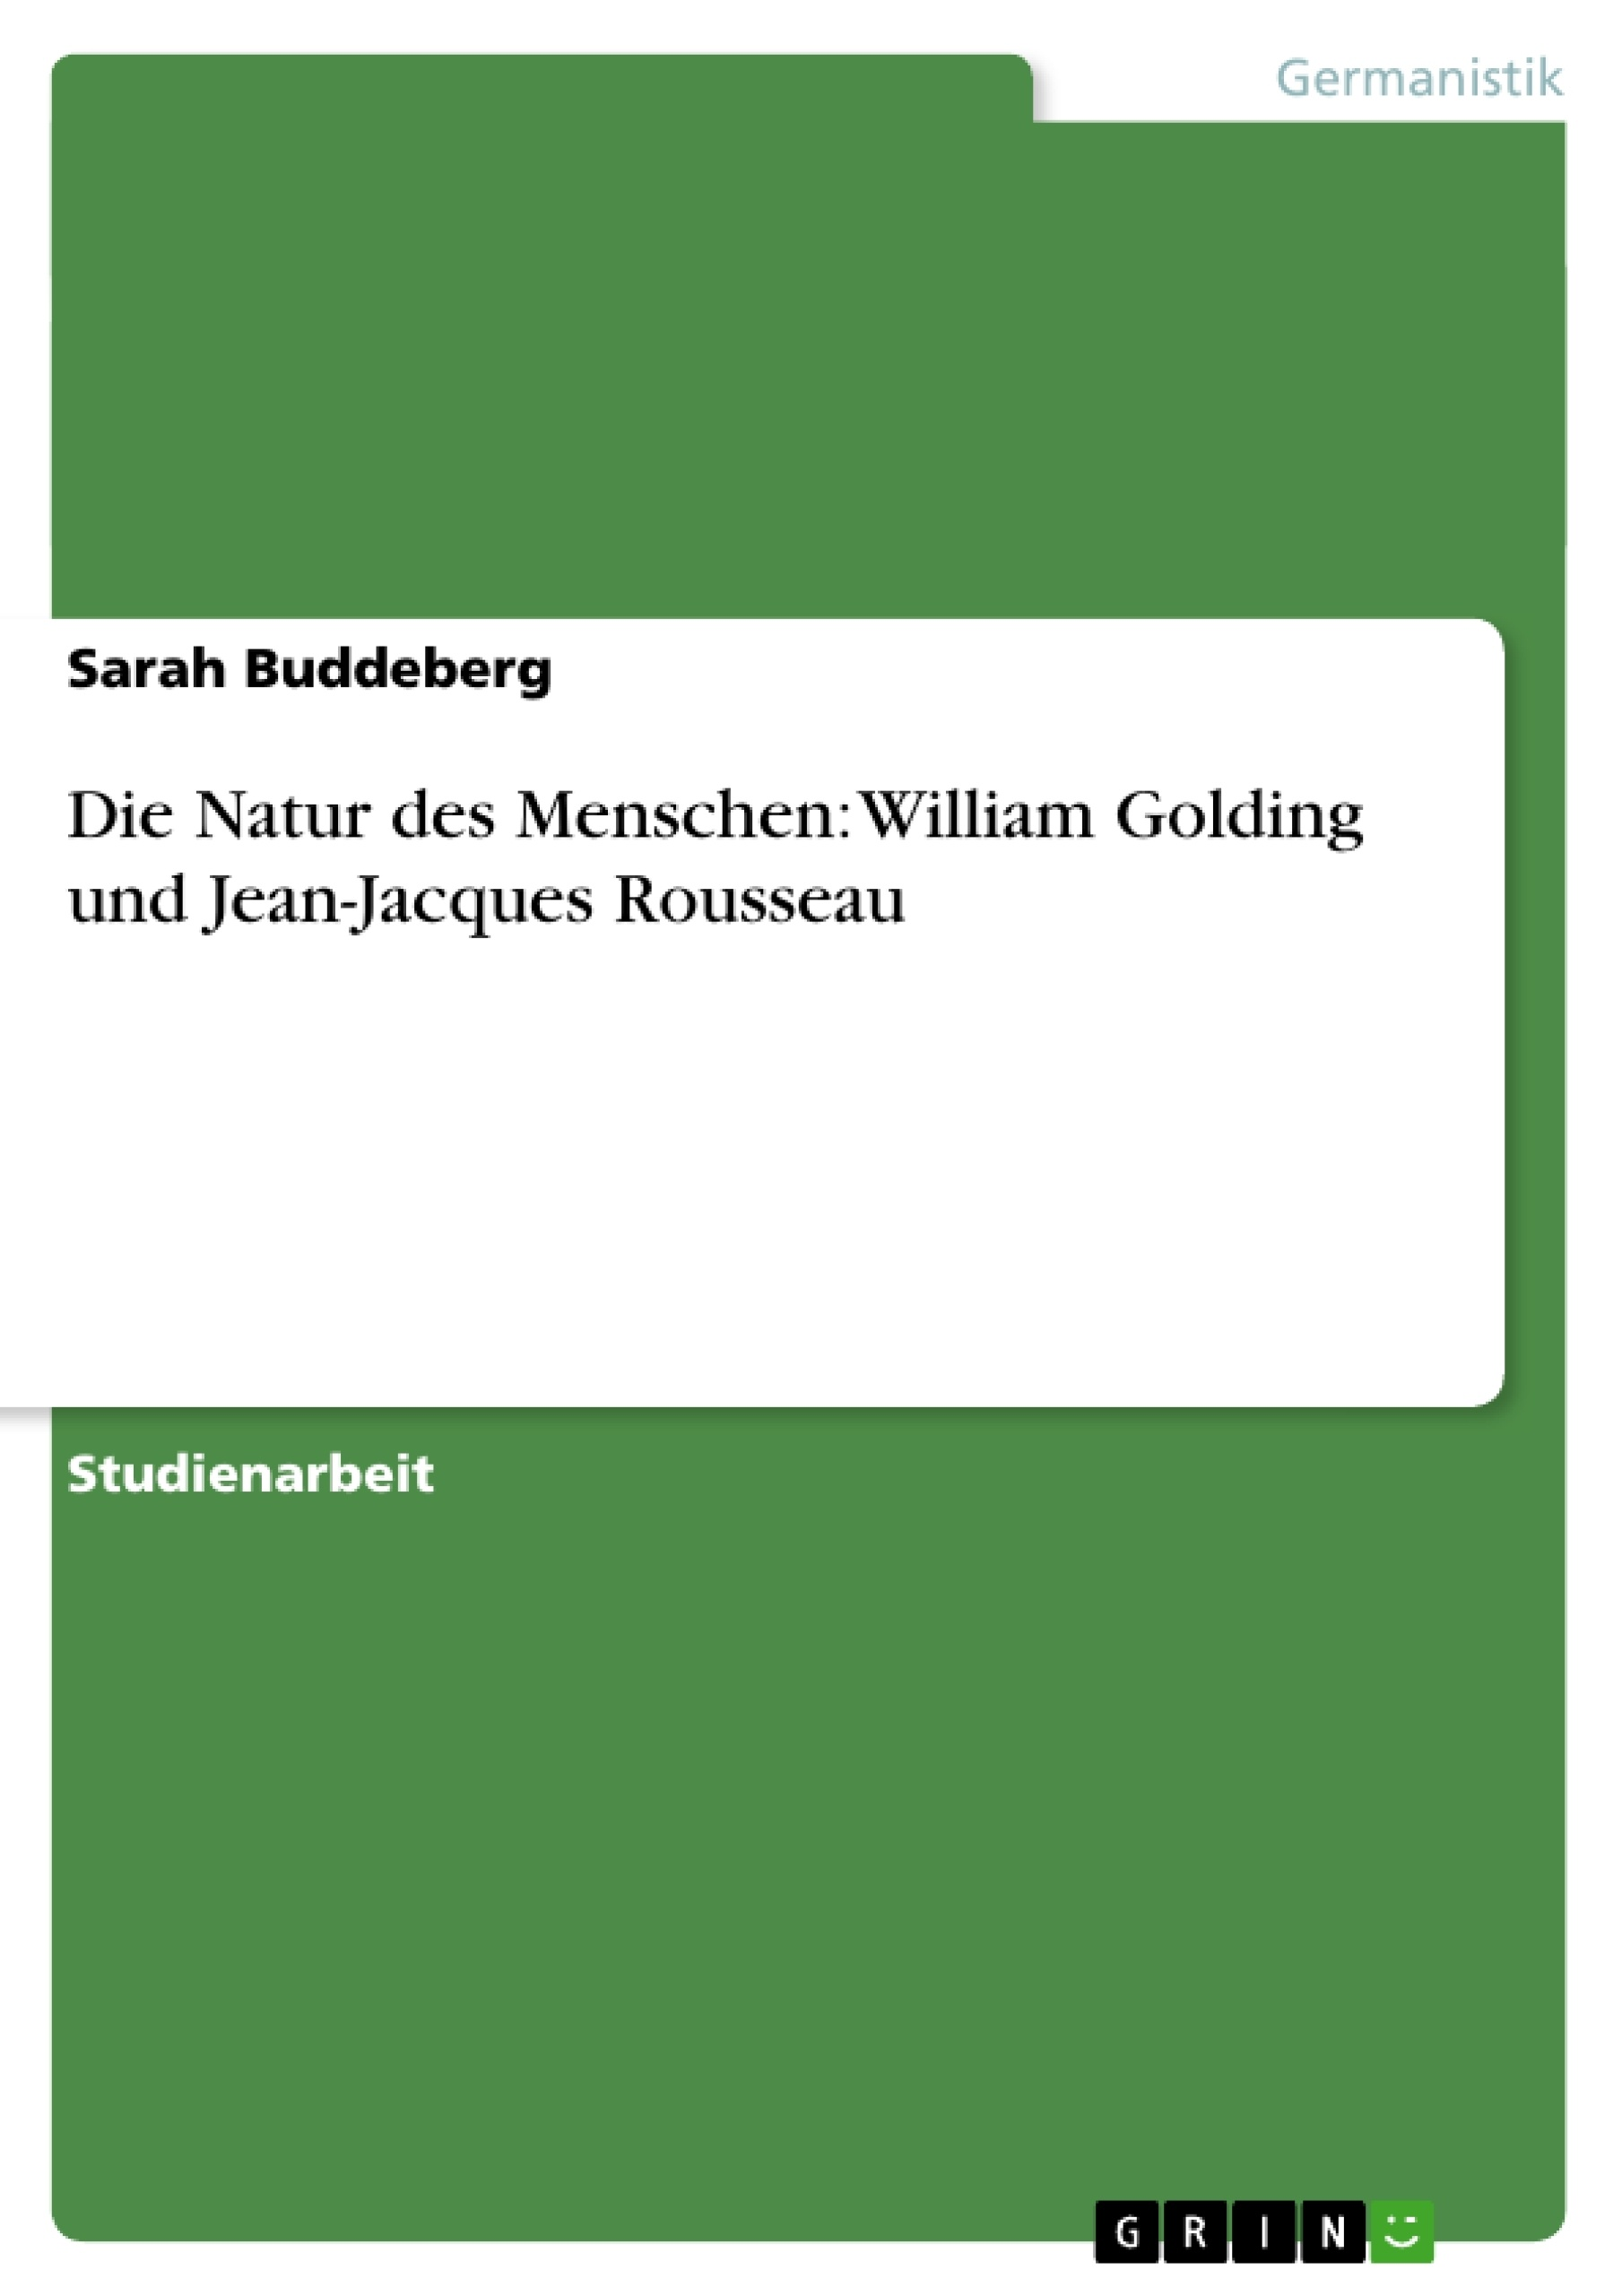 Titel: Die Natur des Menschen: William Golding und Jean-Jacques Rousseau